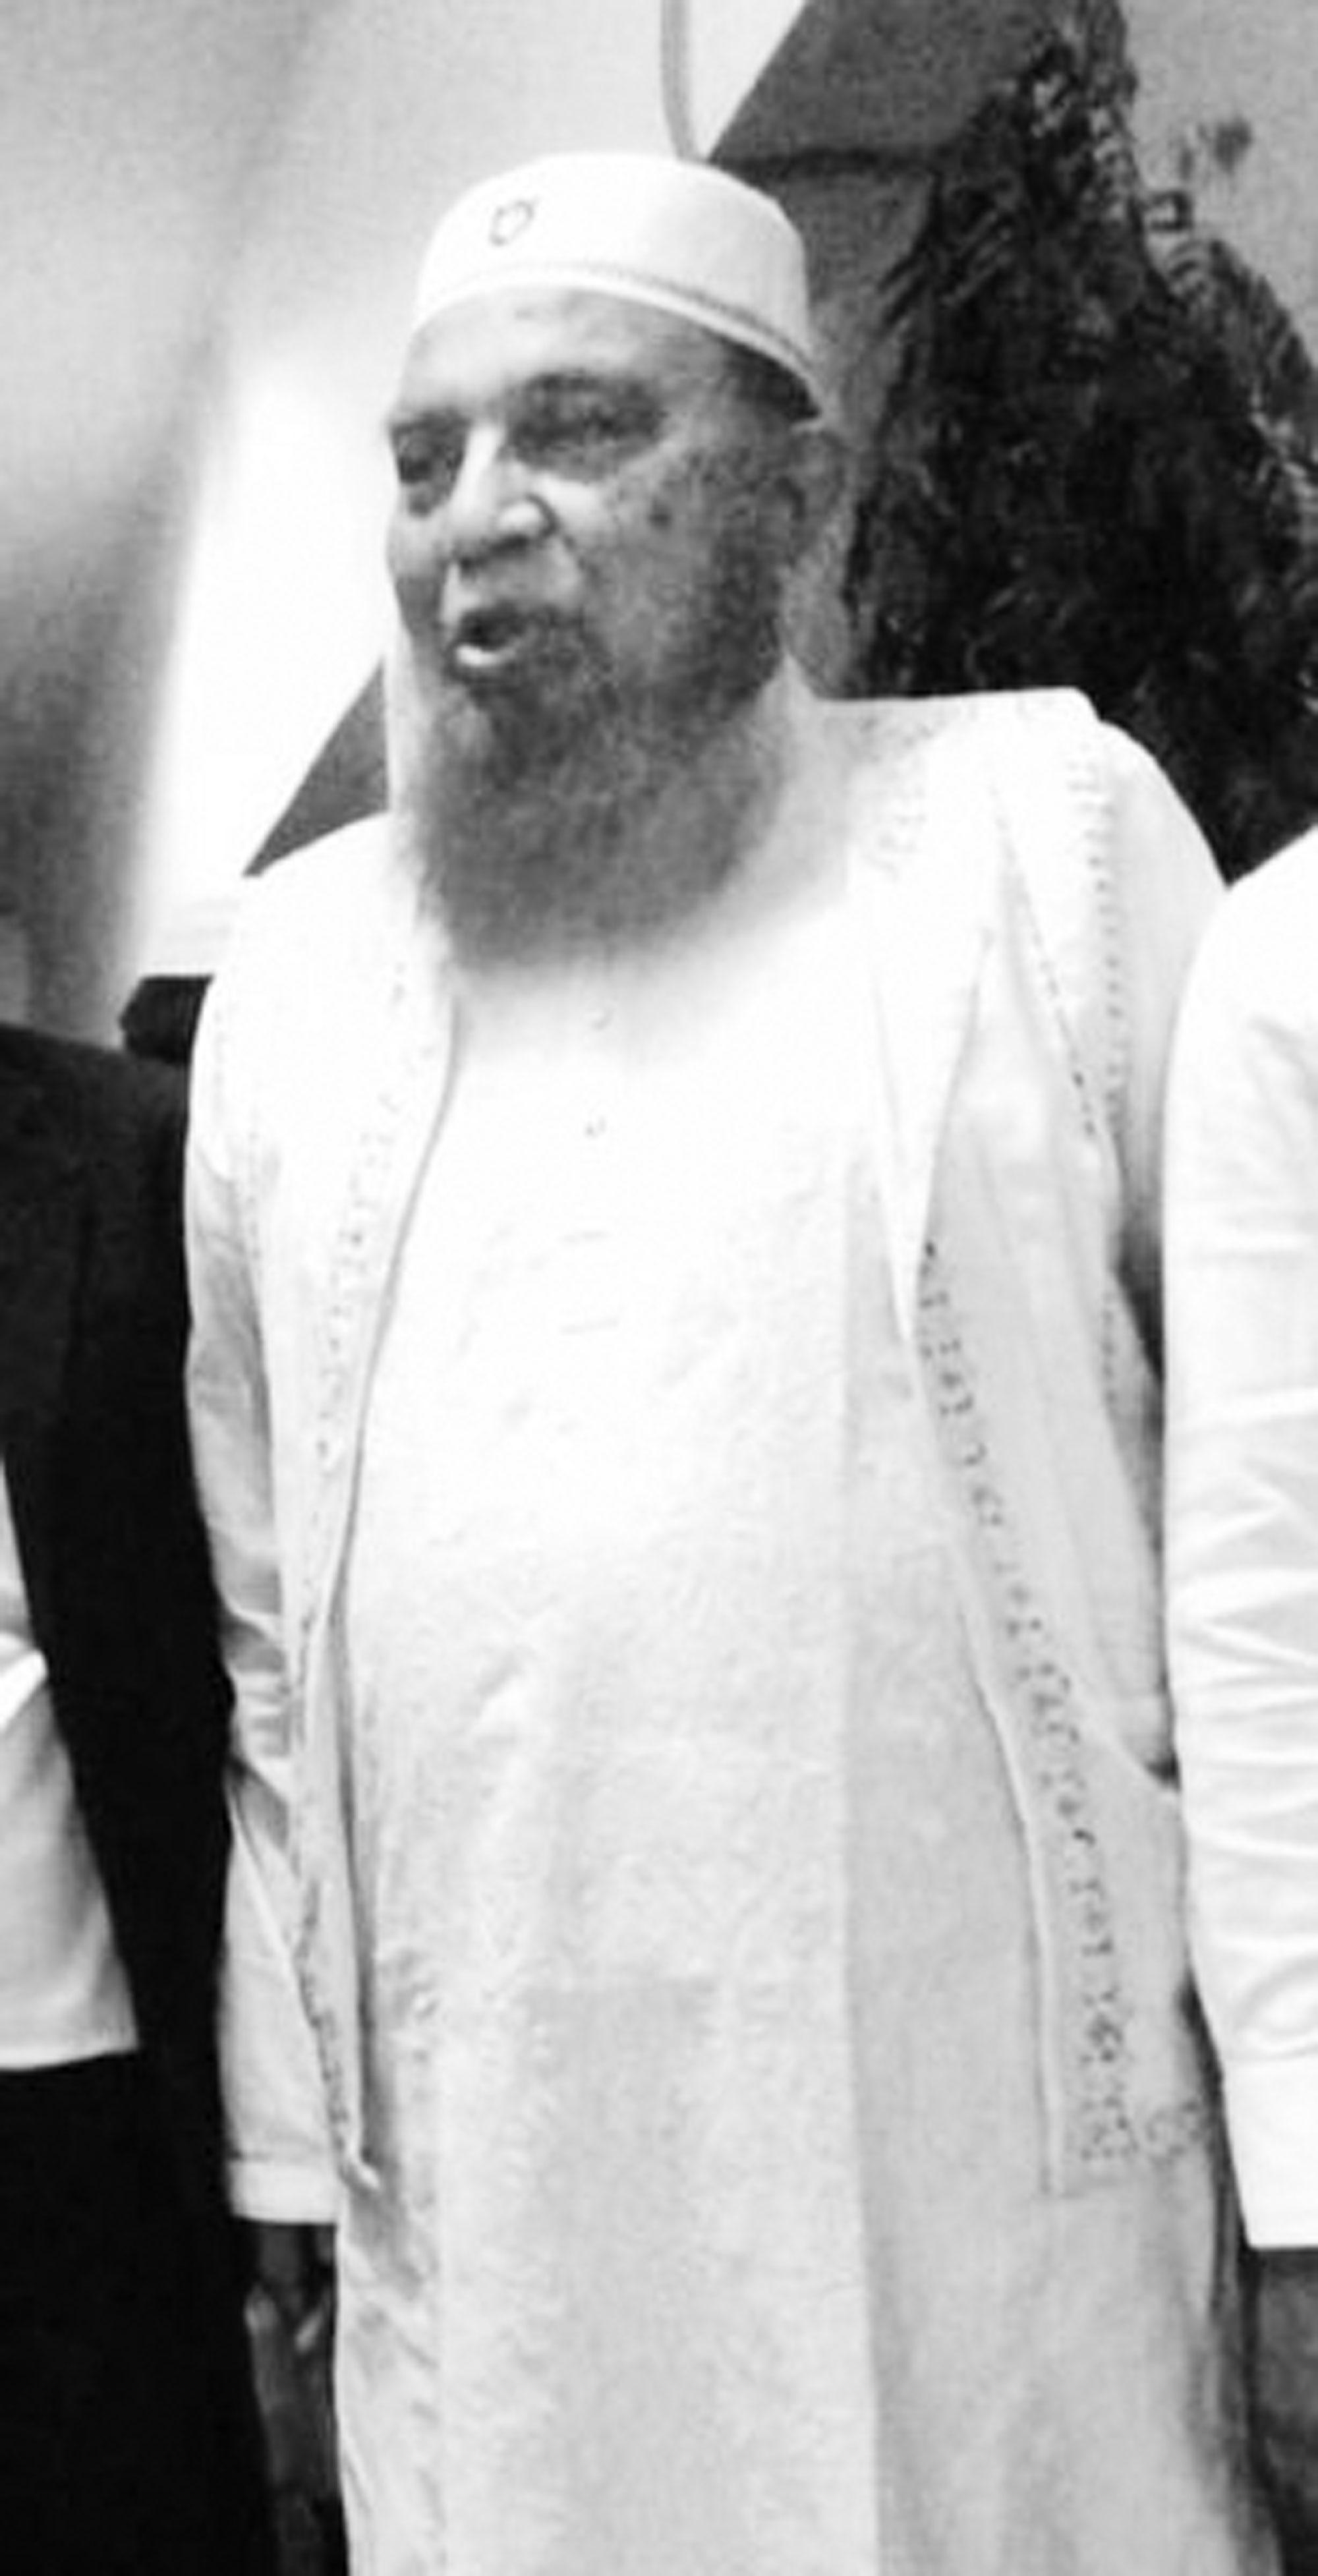 নজরুল ইসলাম পথিকৃৎ এক আইনজীবী